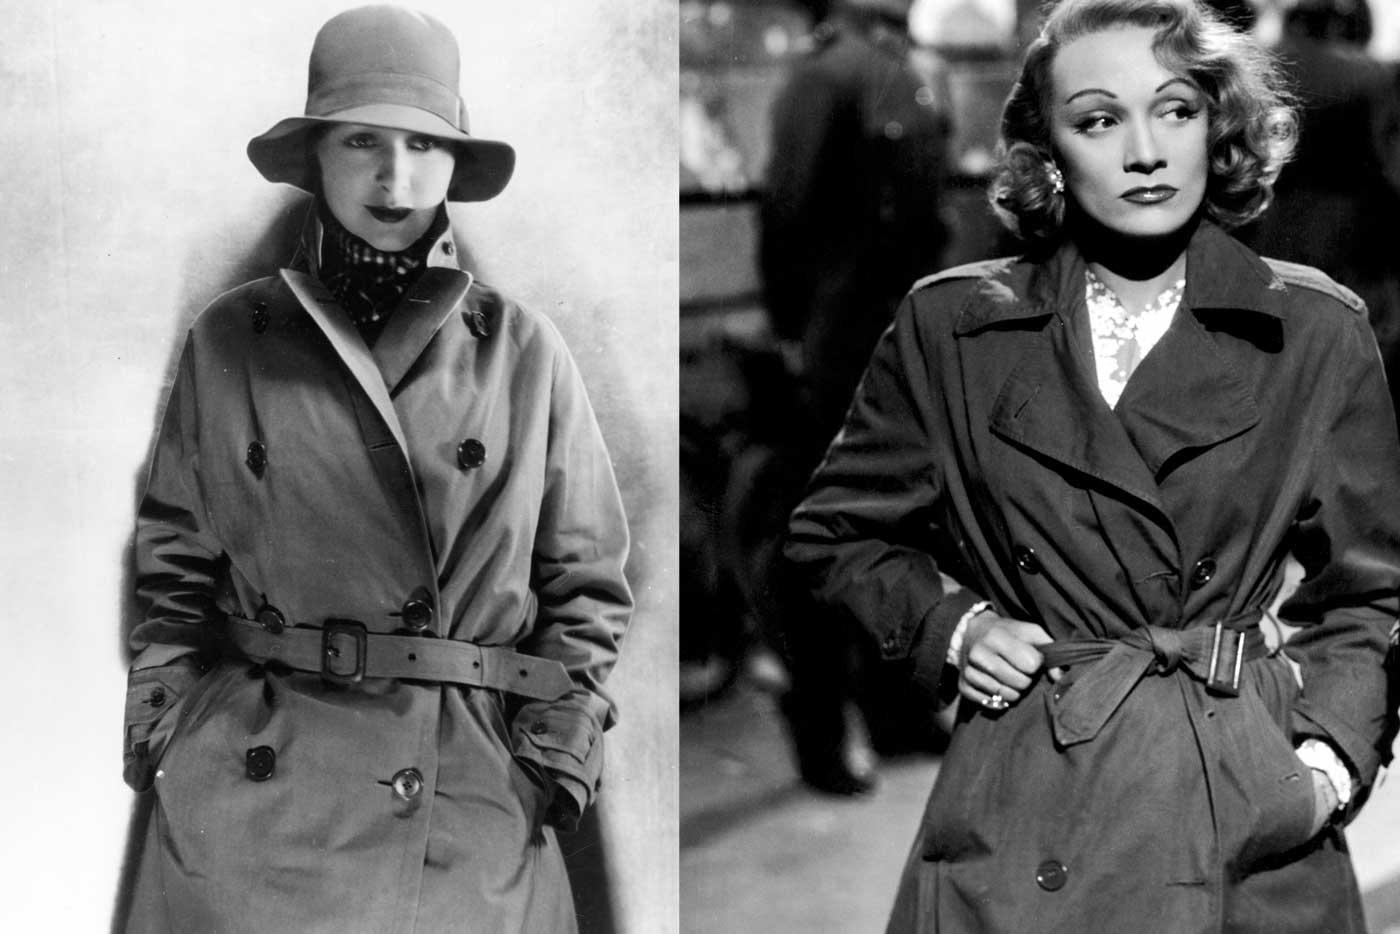 Greta-Garbo-Marlene-Dietrich-trench